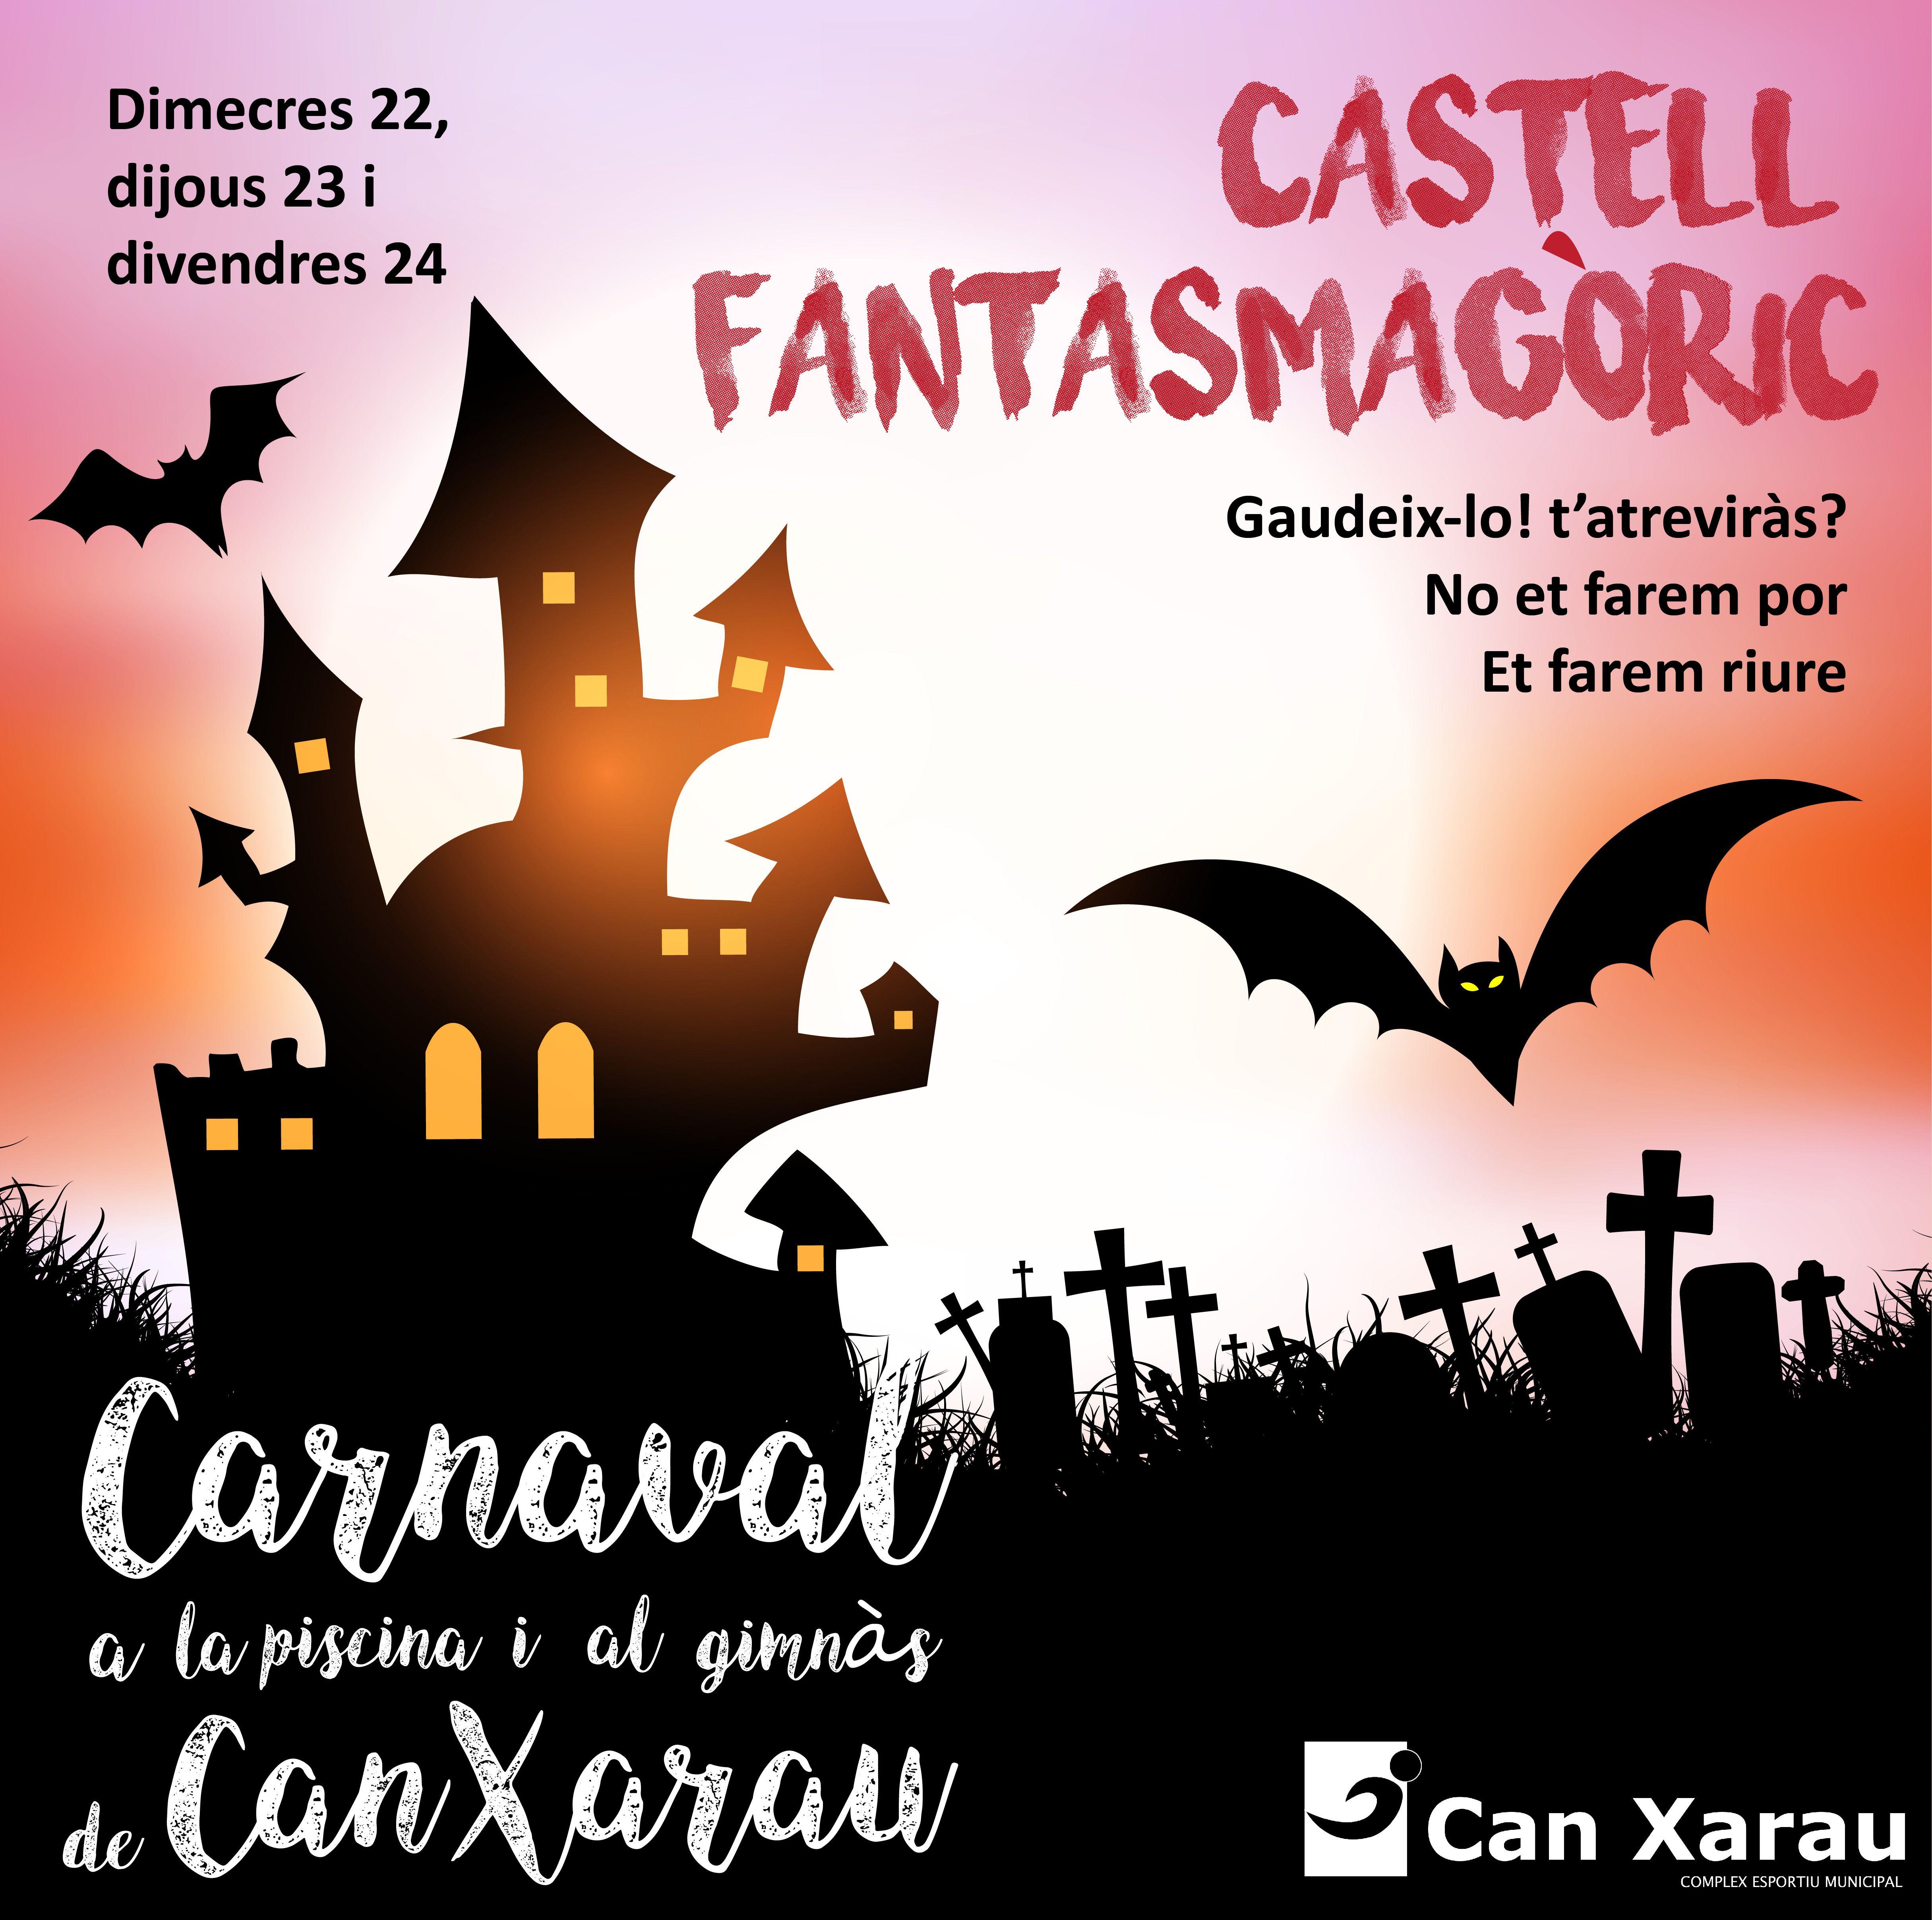 Can Xarau esdevindrà un castell fantasmagòric